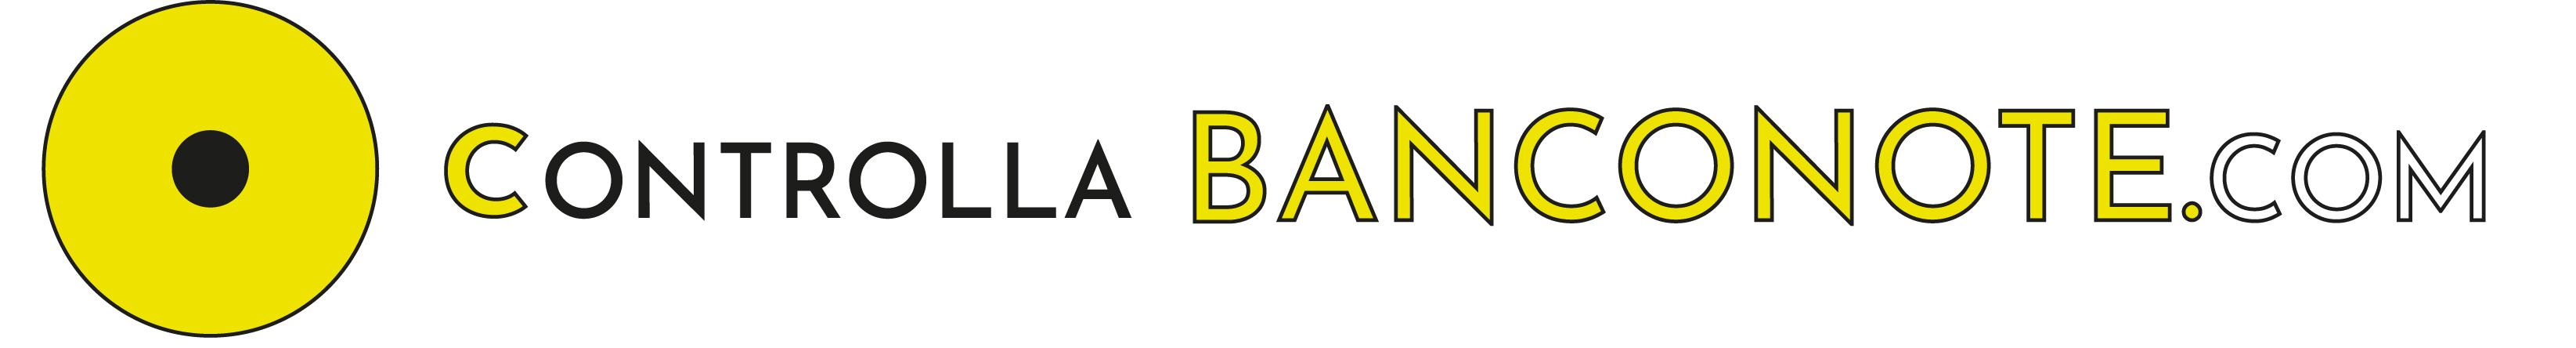 Controlla Banconote